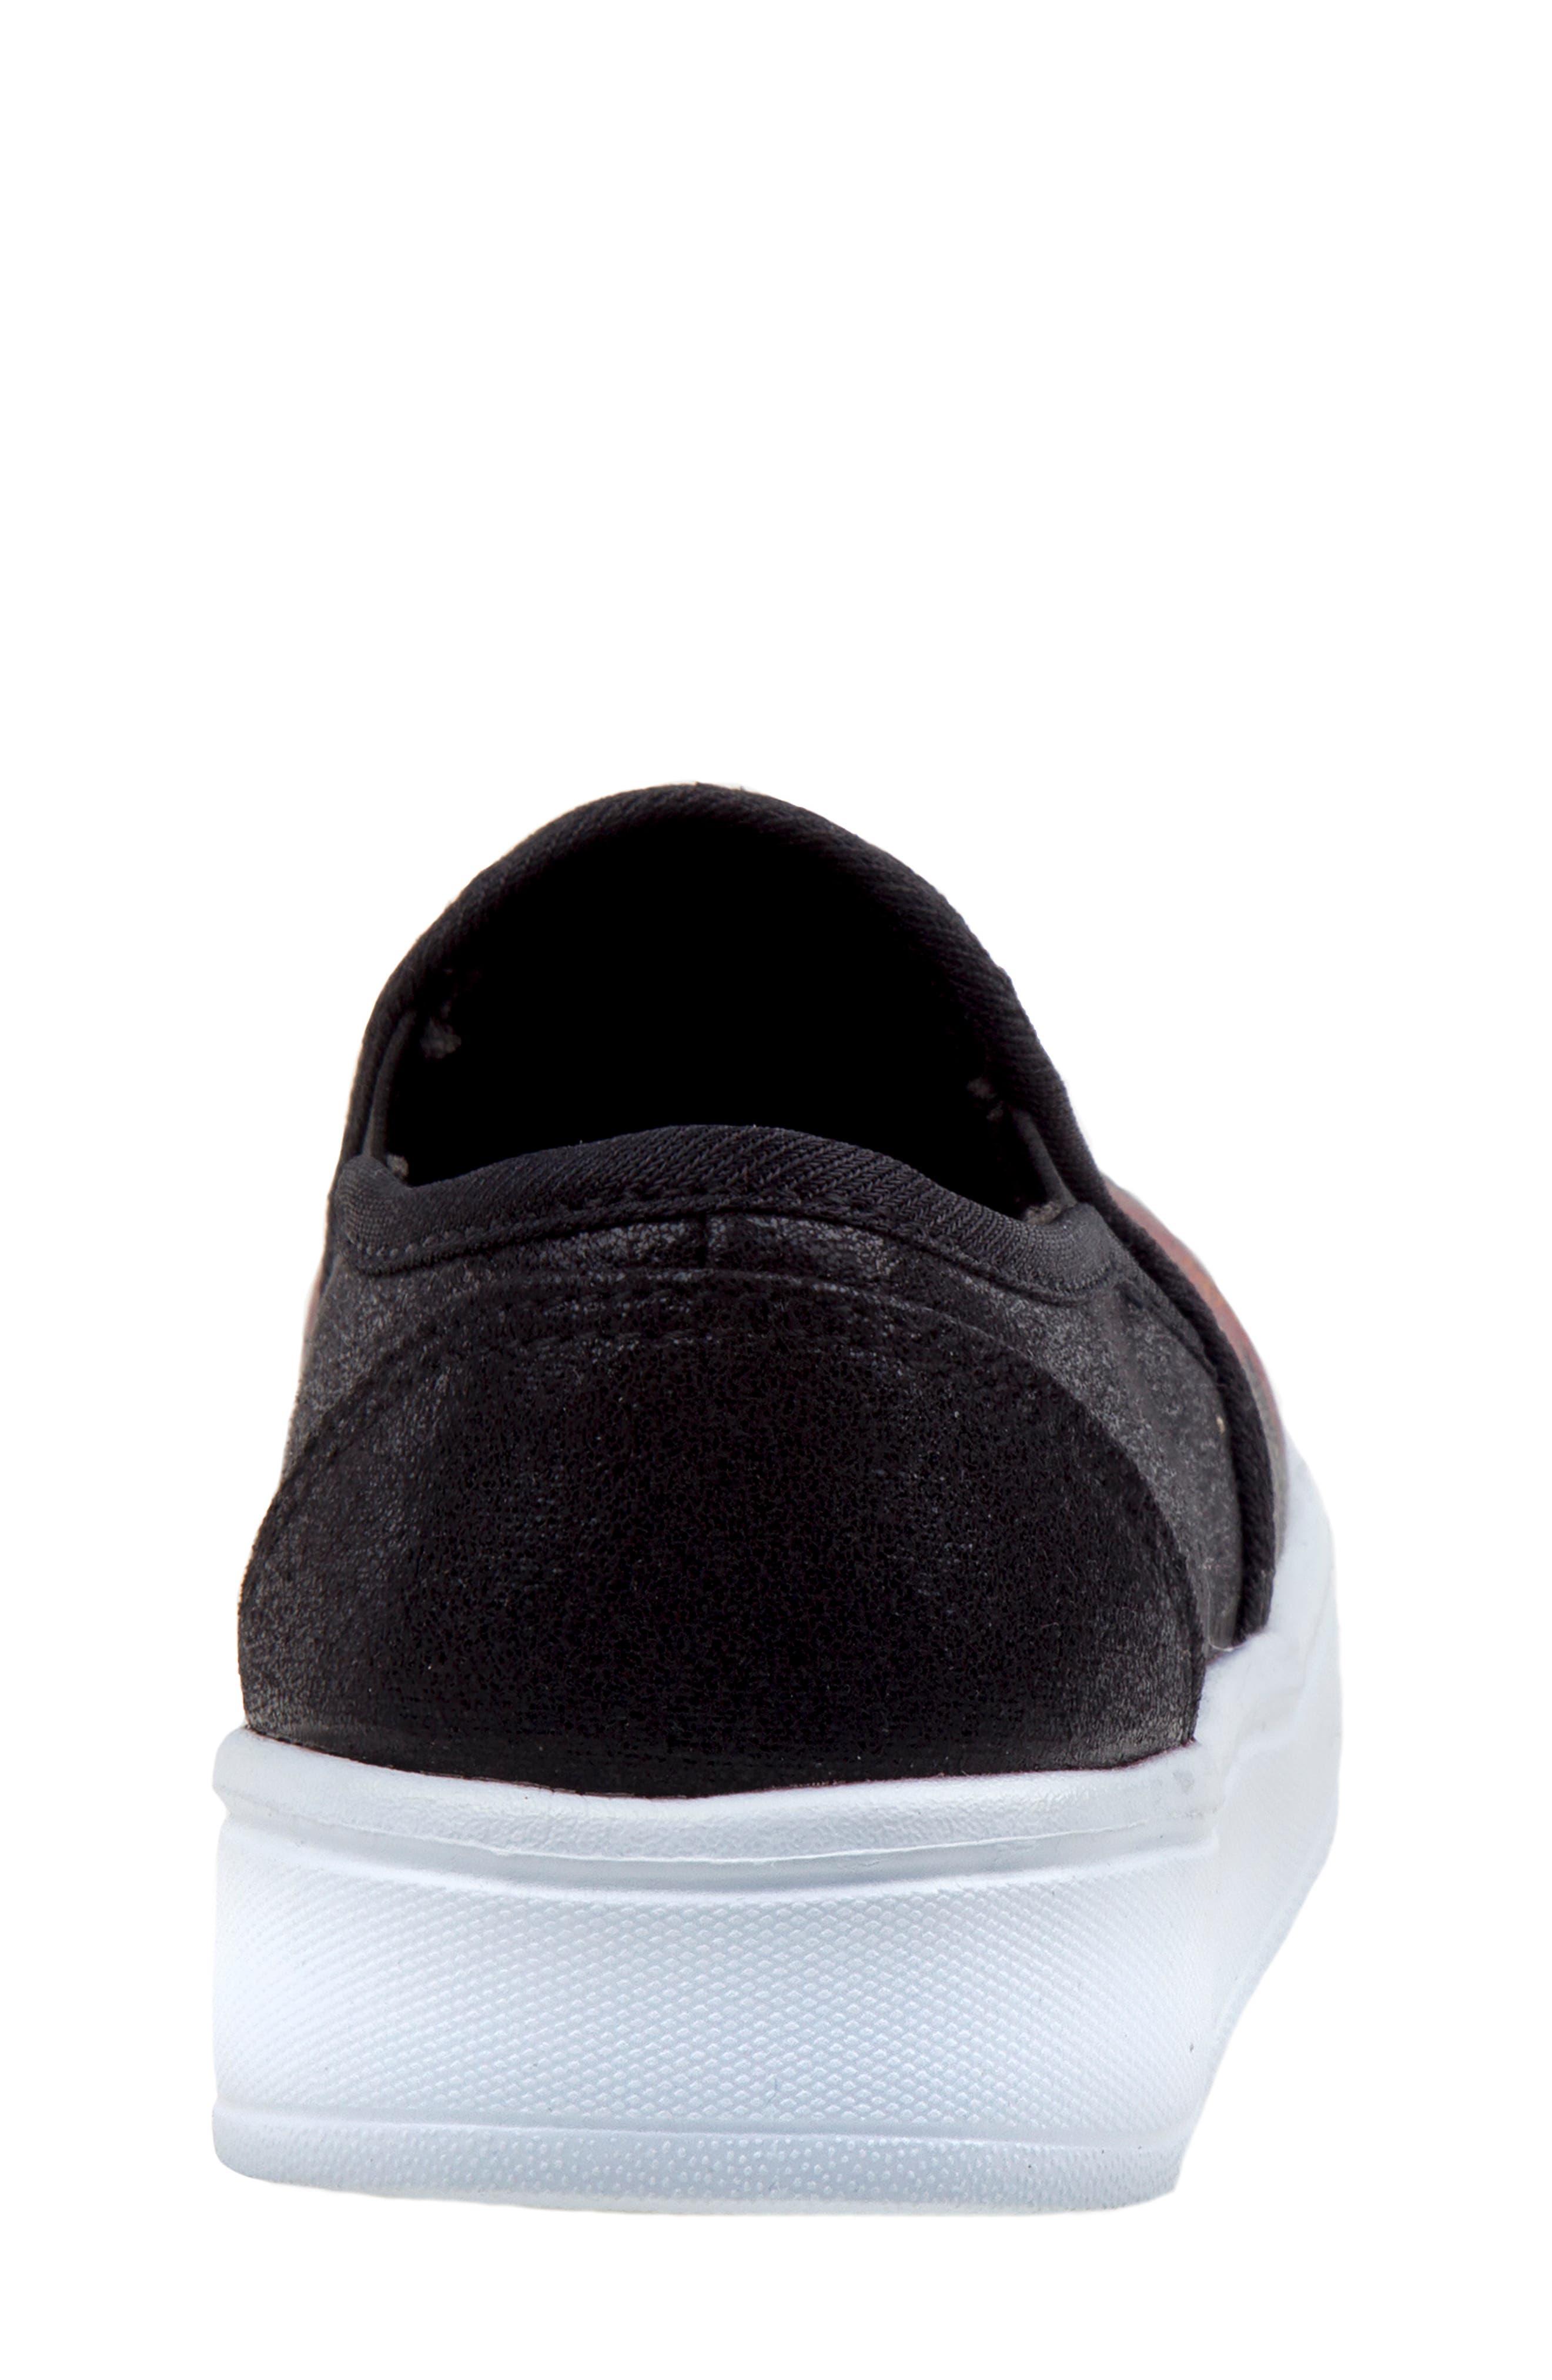 Floral Slip-On Sneaker,                             Alternate thumbnail 6, color,                             BLACK